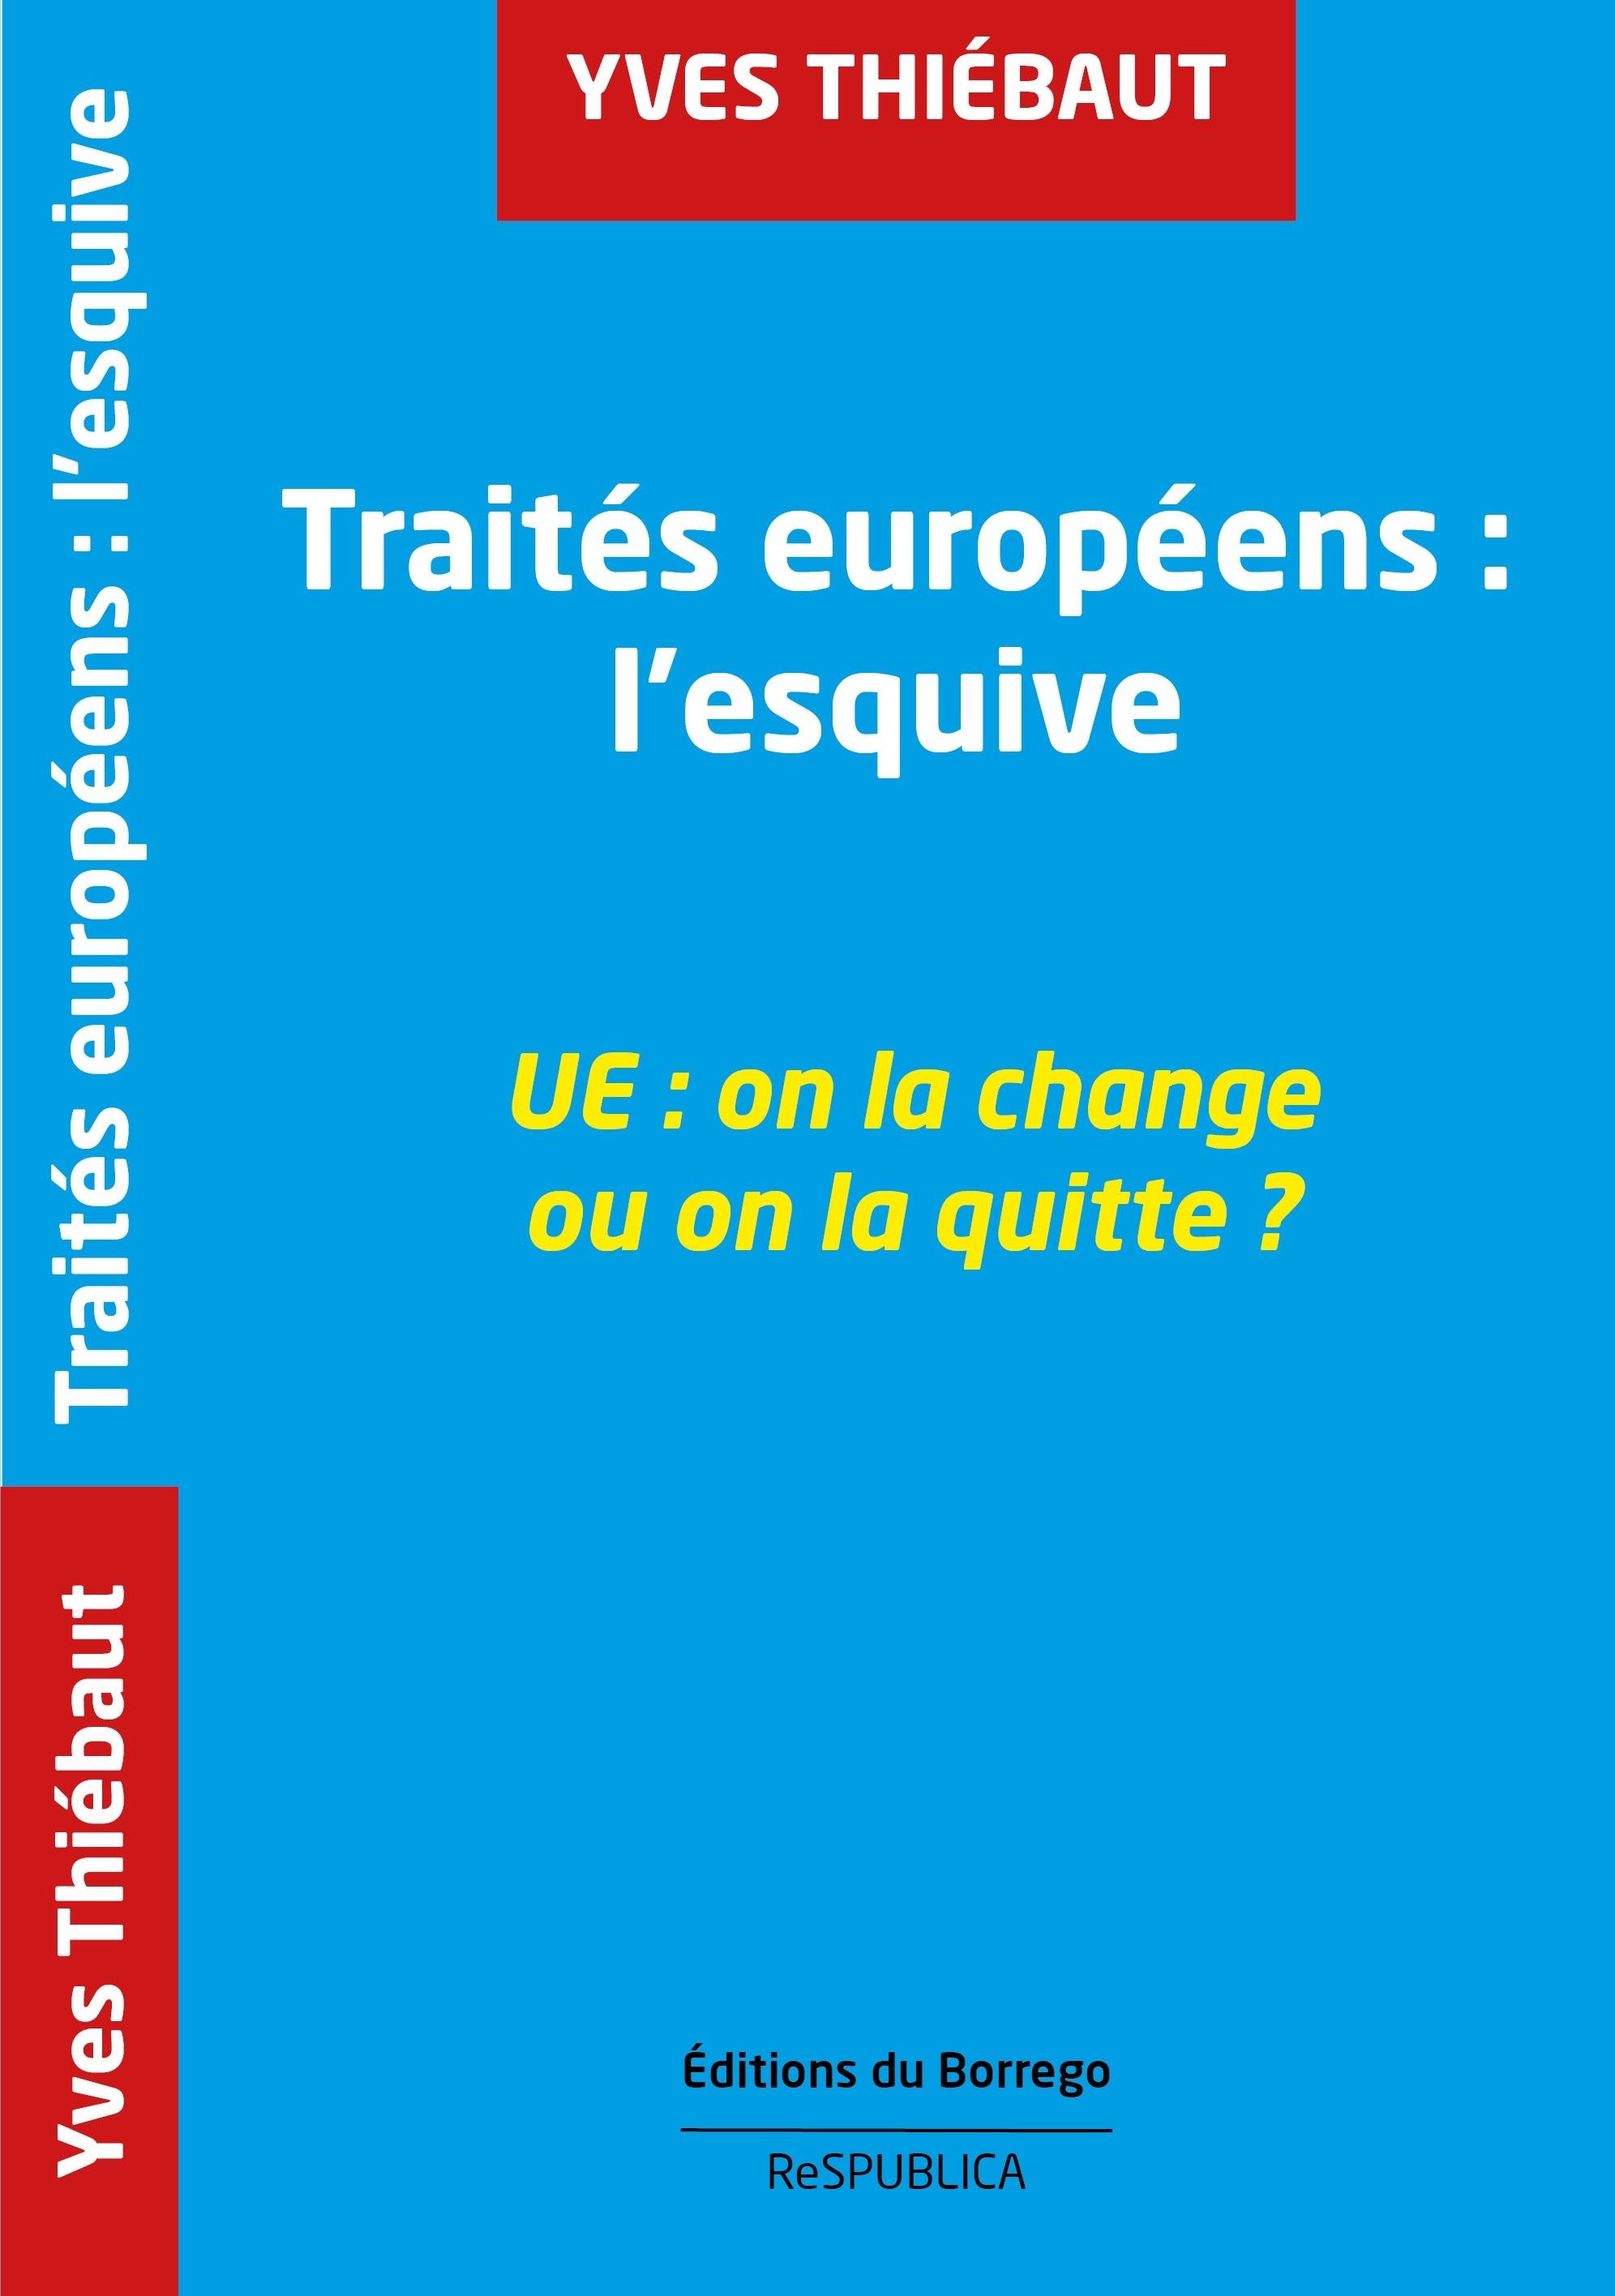 TRAITES EUROPEENS : L'ESQUIVE UE: ON LA CHANGE OU ON LA QUITTE ?